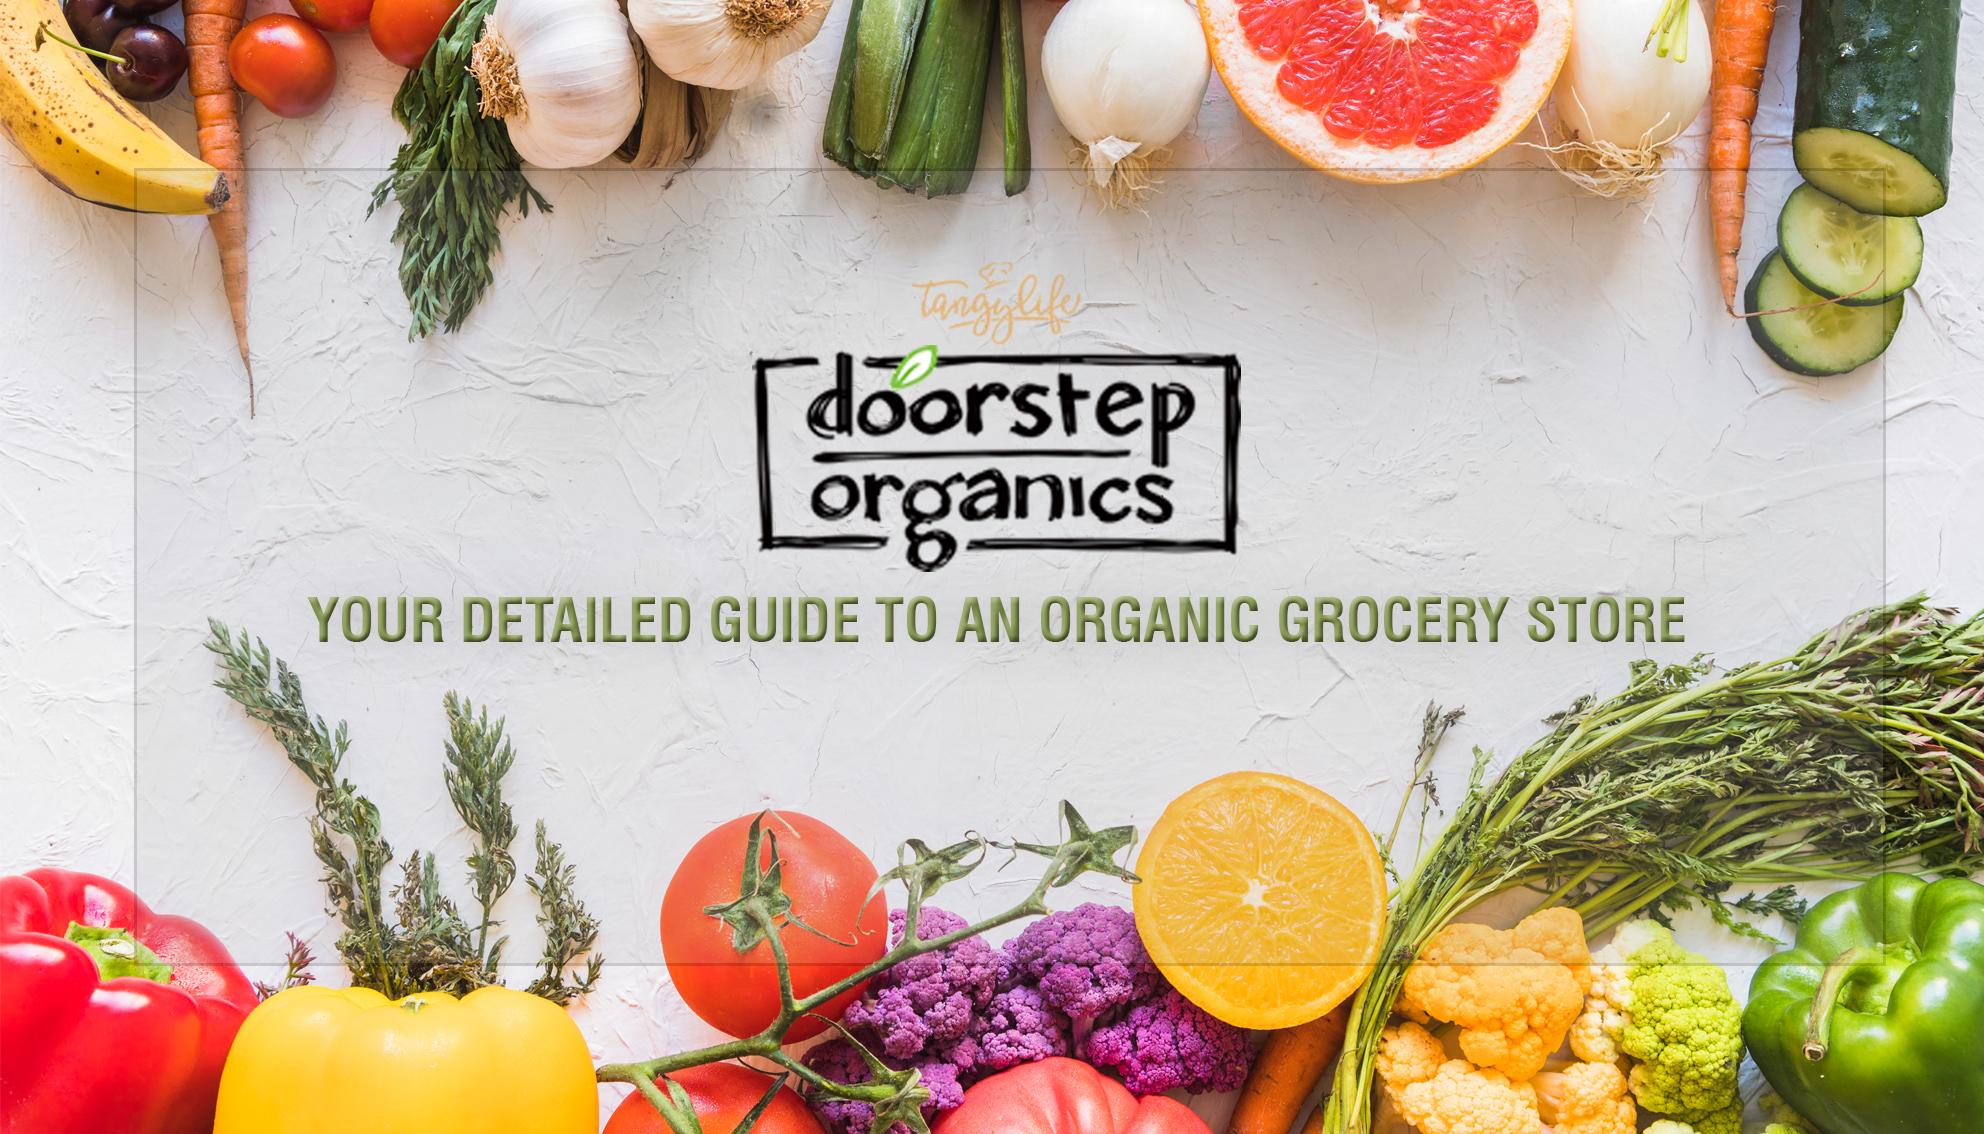 doorstep-organics-tangylife-featured-image